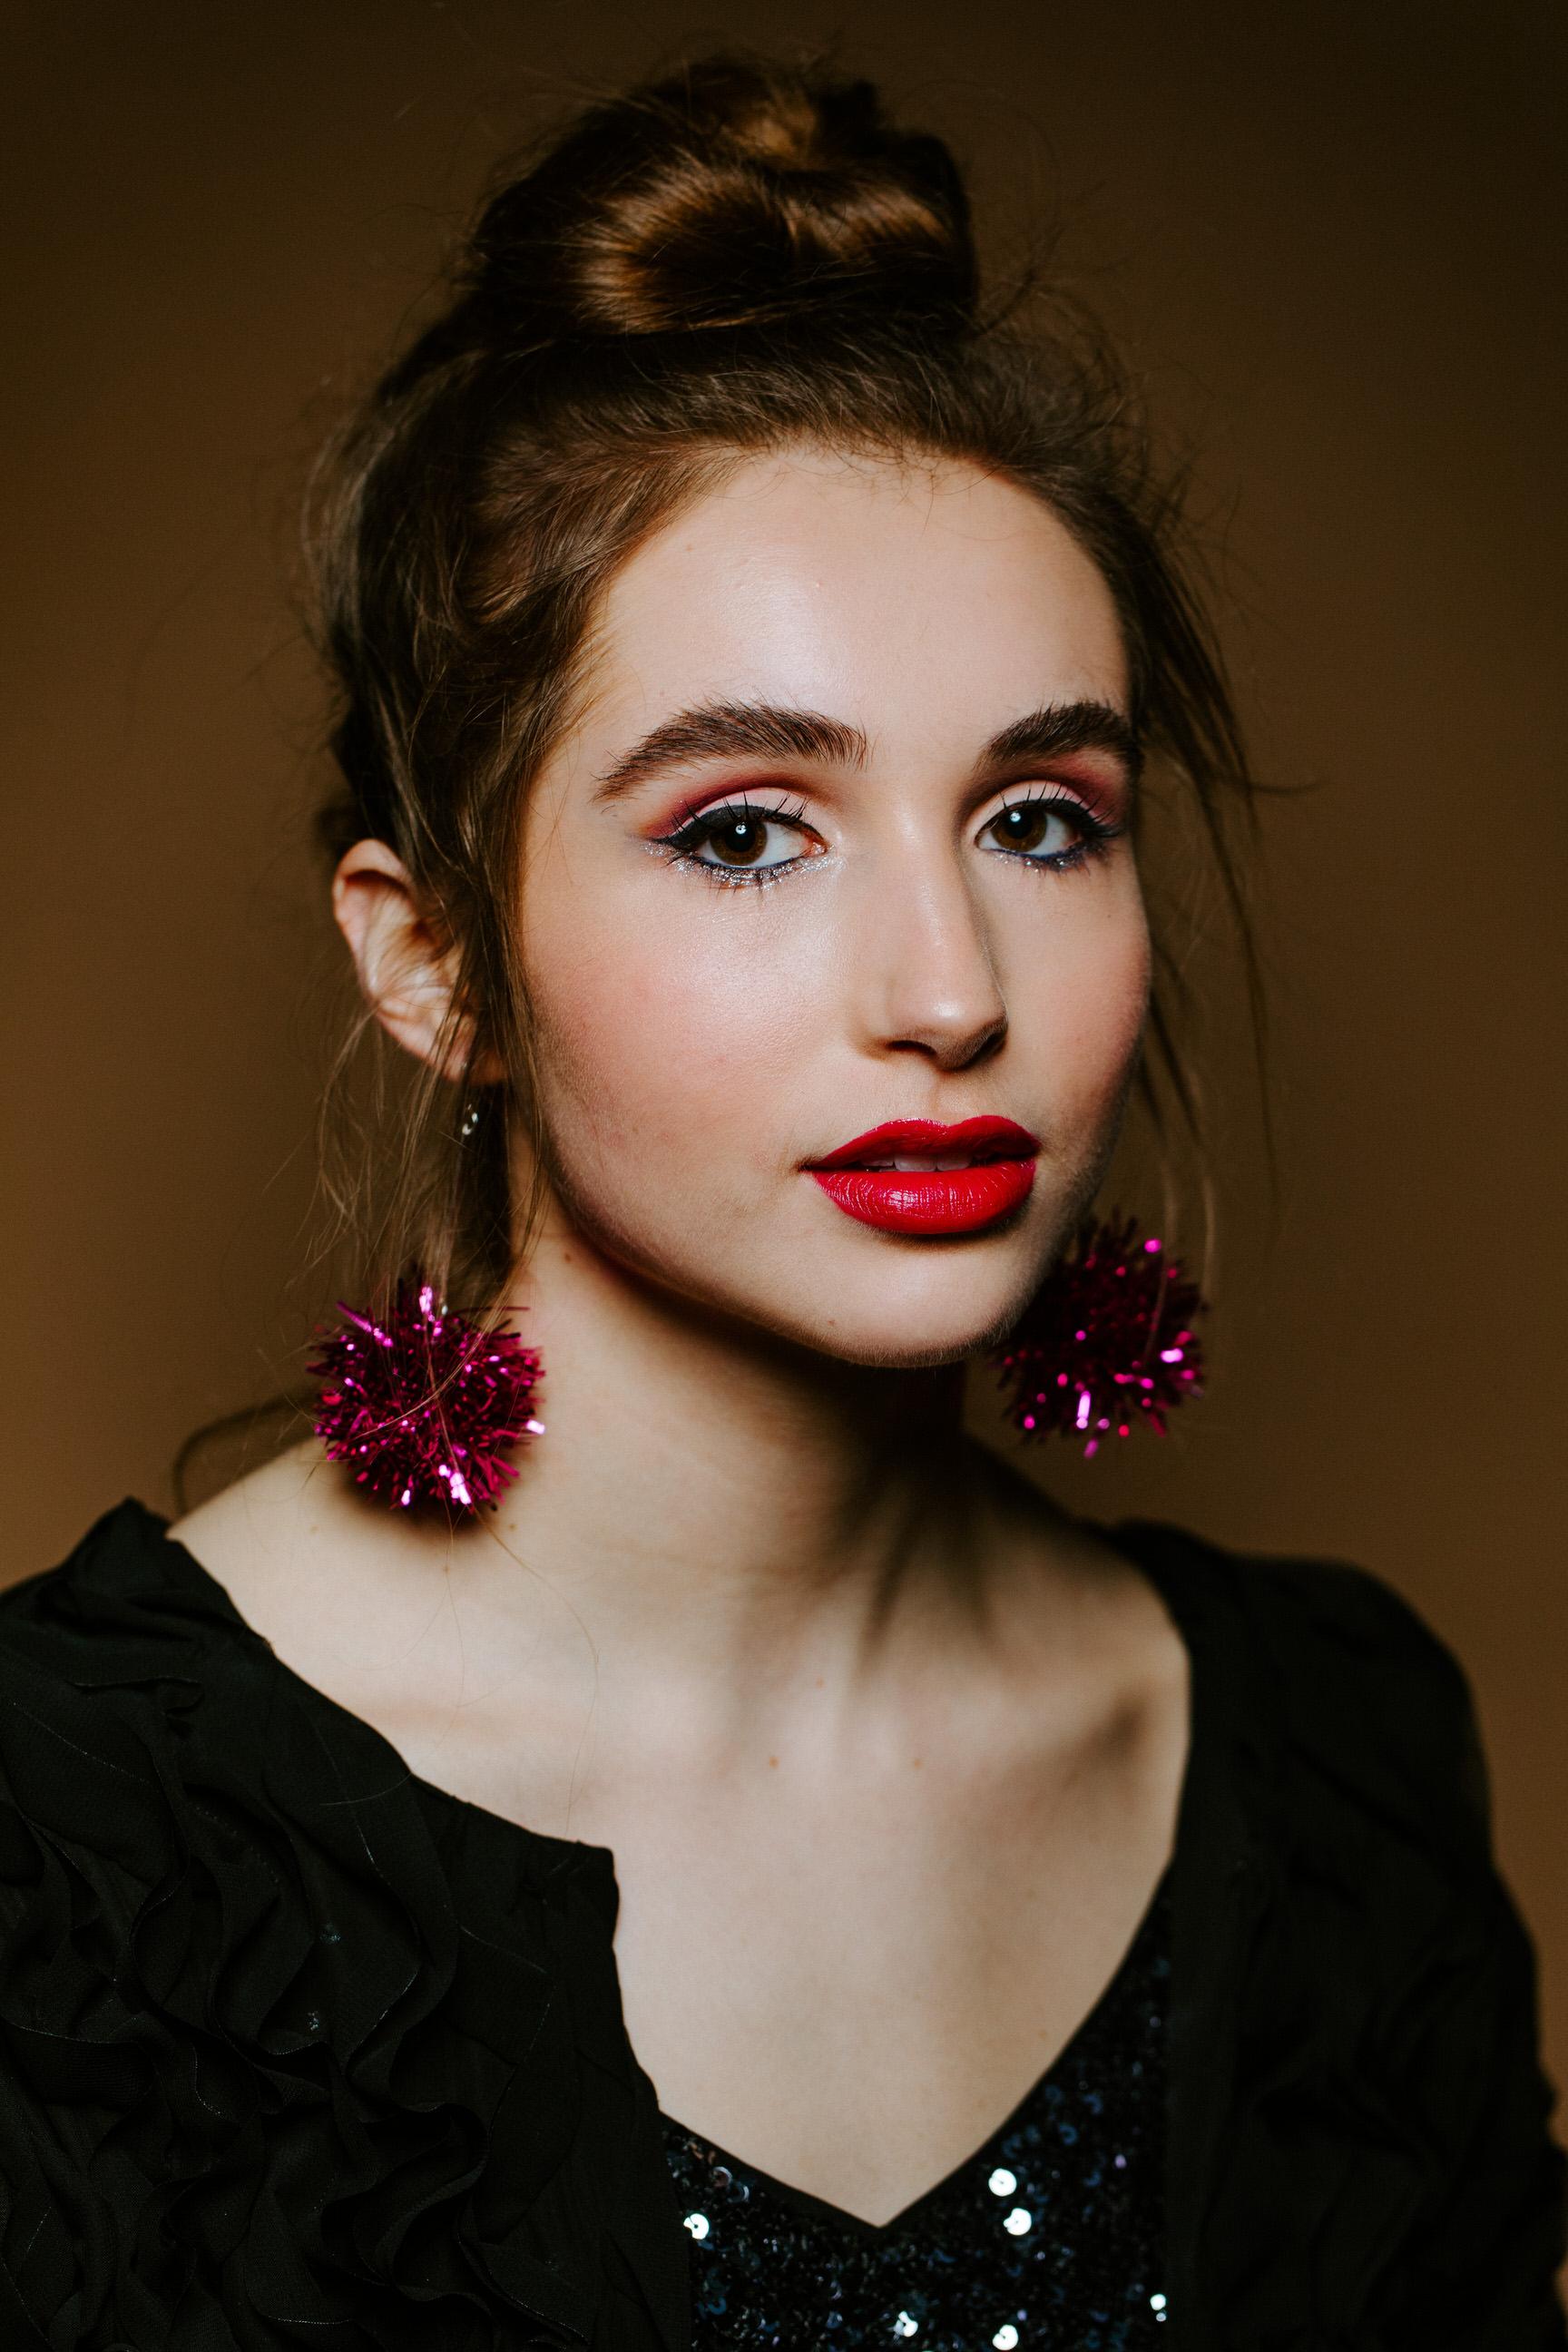 rebekah-earrings-8827.jpg